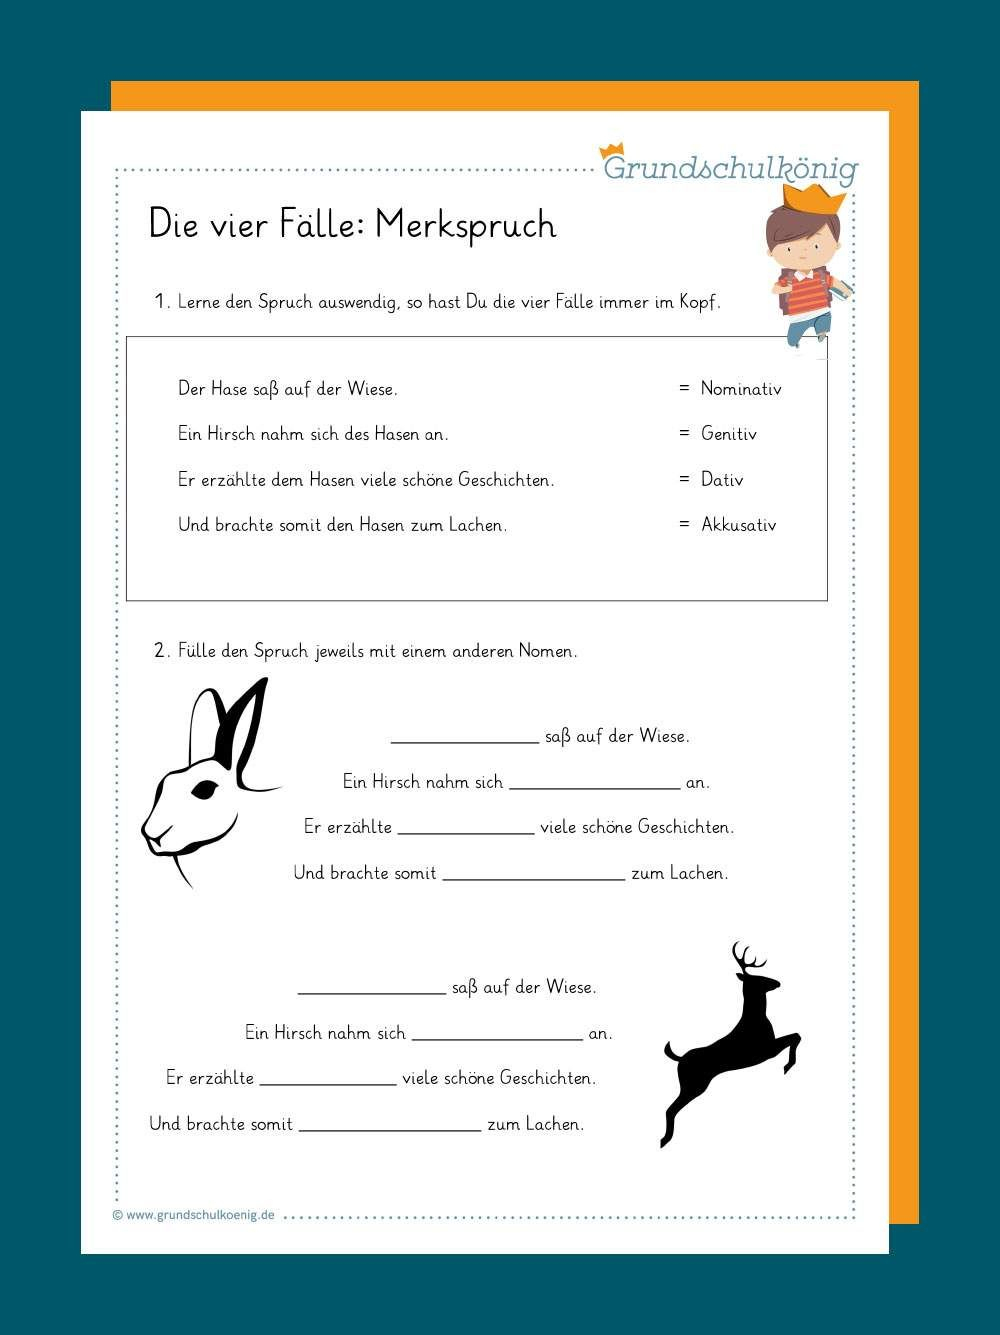 Die 4 Fälle - Merkspruch In 2020 | Unterrichten, Unterricht ganzes Übungsaufgaben Deutsch Klasse 4 Kostenlos